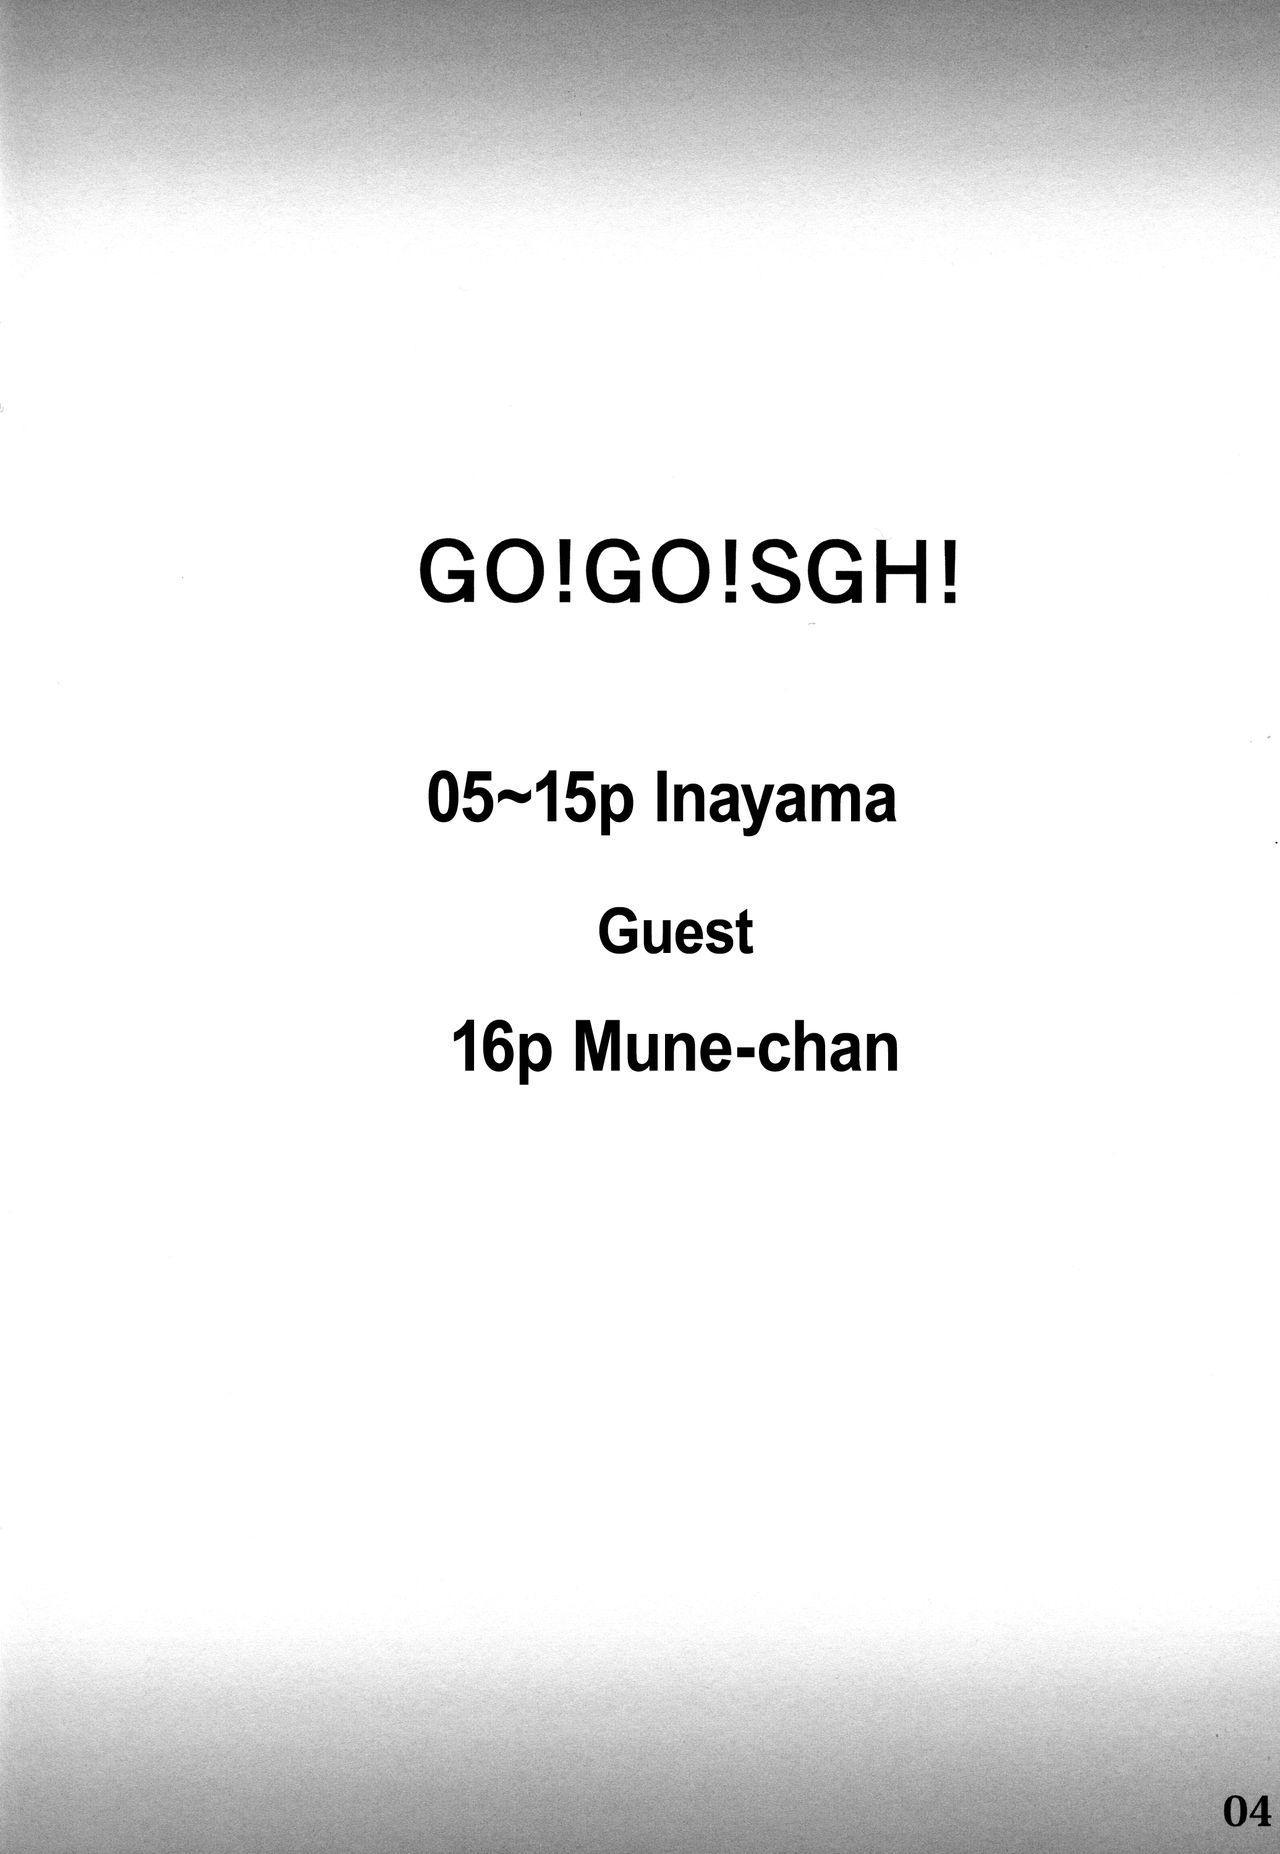 Go!Go!SGH! 2